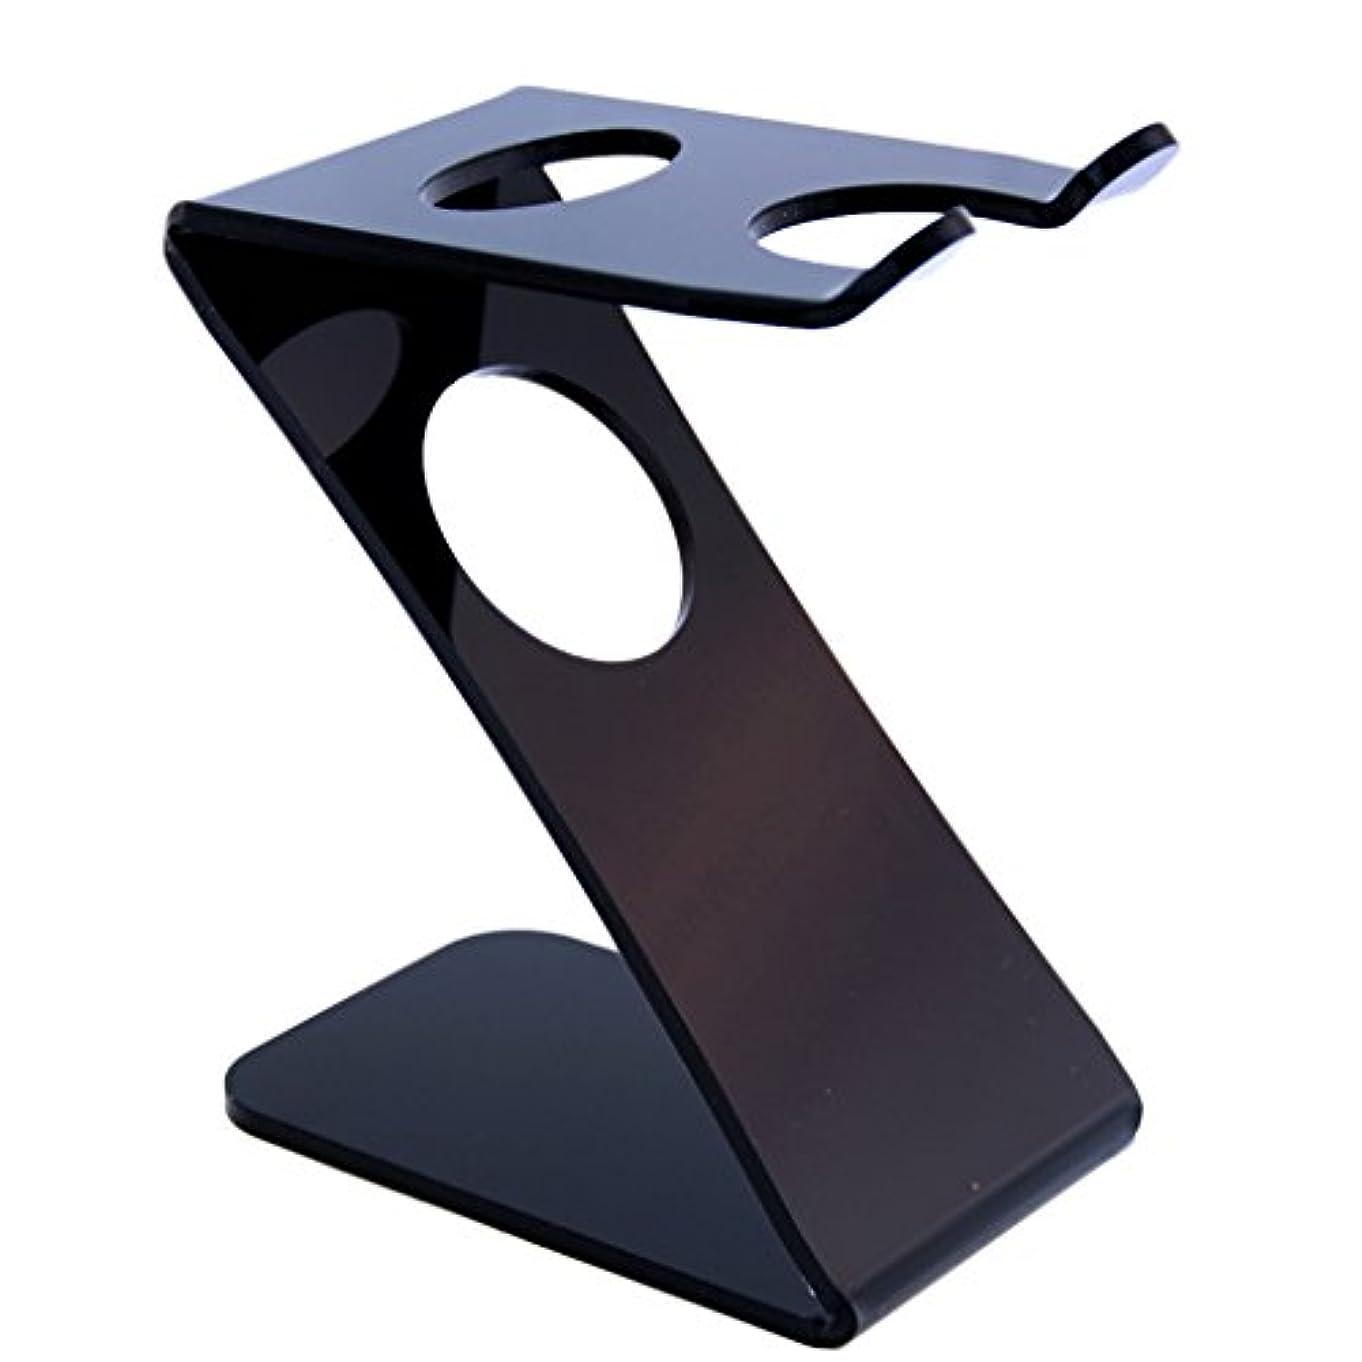 計り知れない冷蔵庫確実Kesoto プラスチック シェービングブラシ用 髭剃り ホルダー スタンド ブラック 清潔 乾く安い